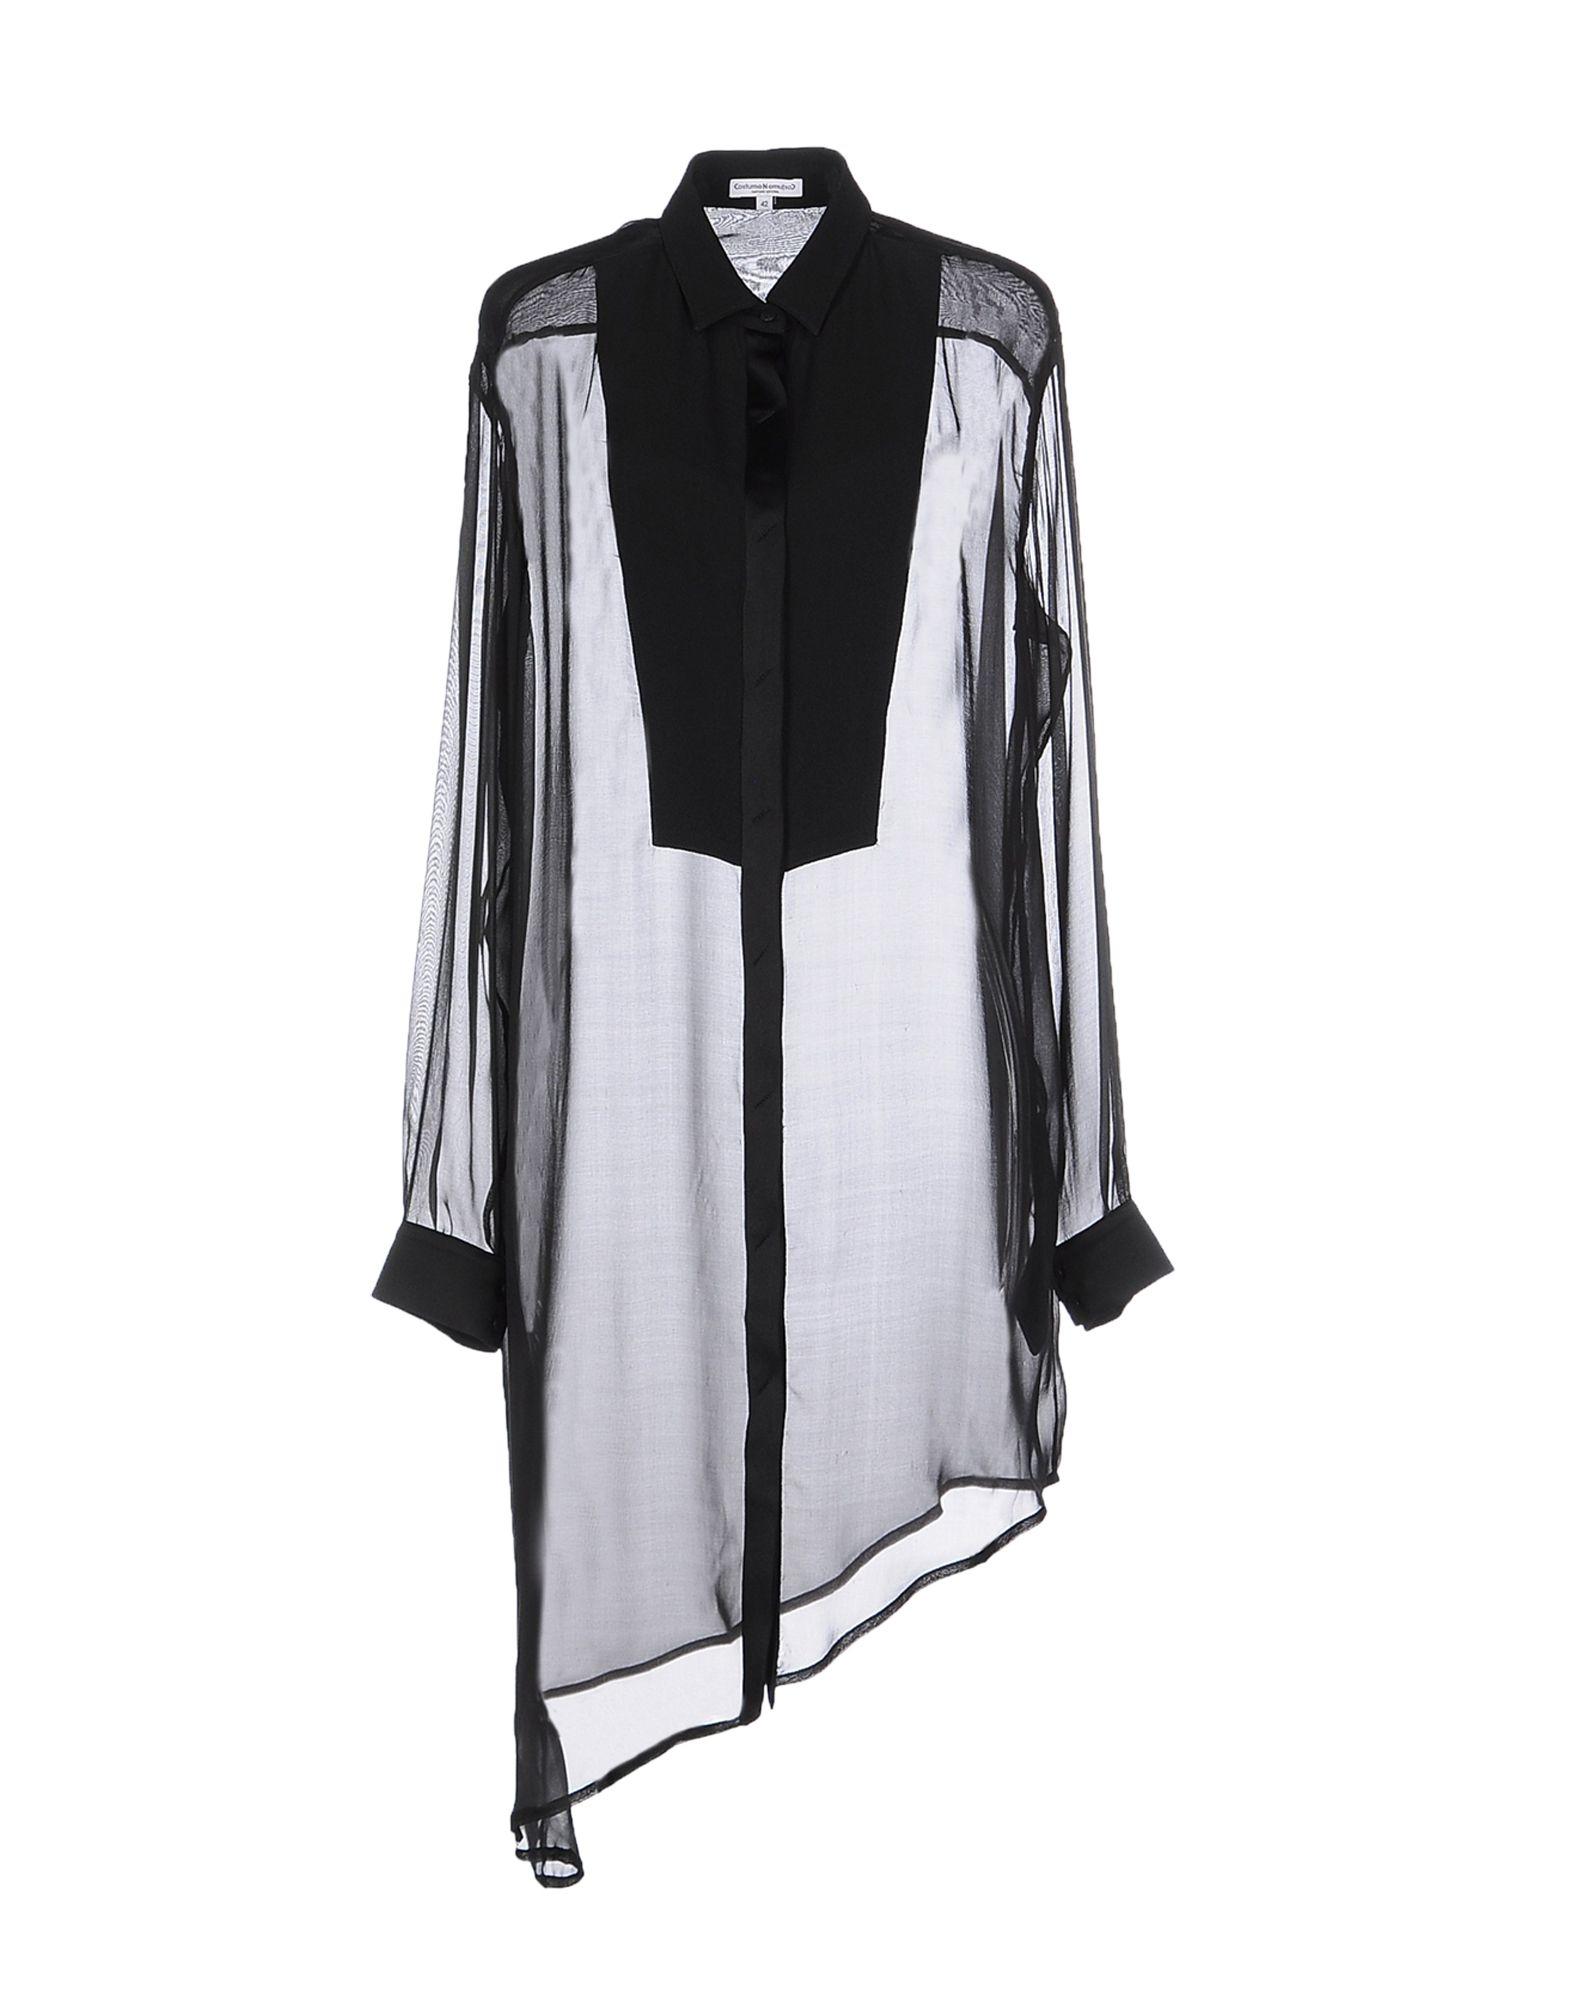 Camicie E Bluse In Seta Costume Nemutso Donna - Acquista online su yB5Tushgs